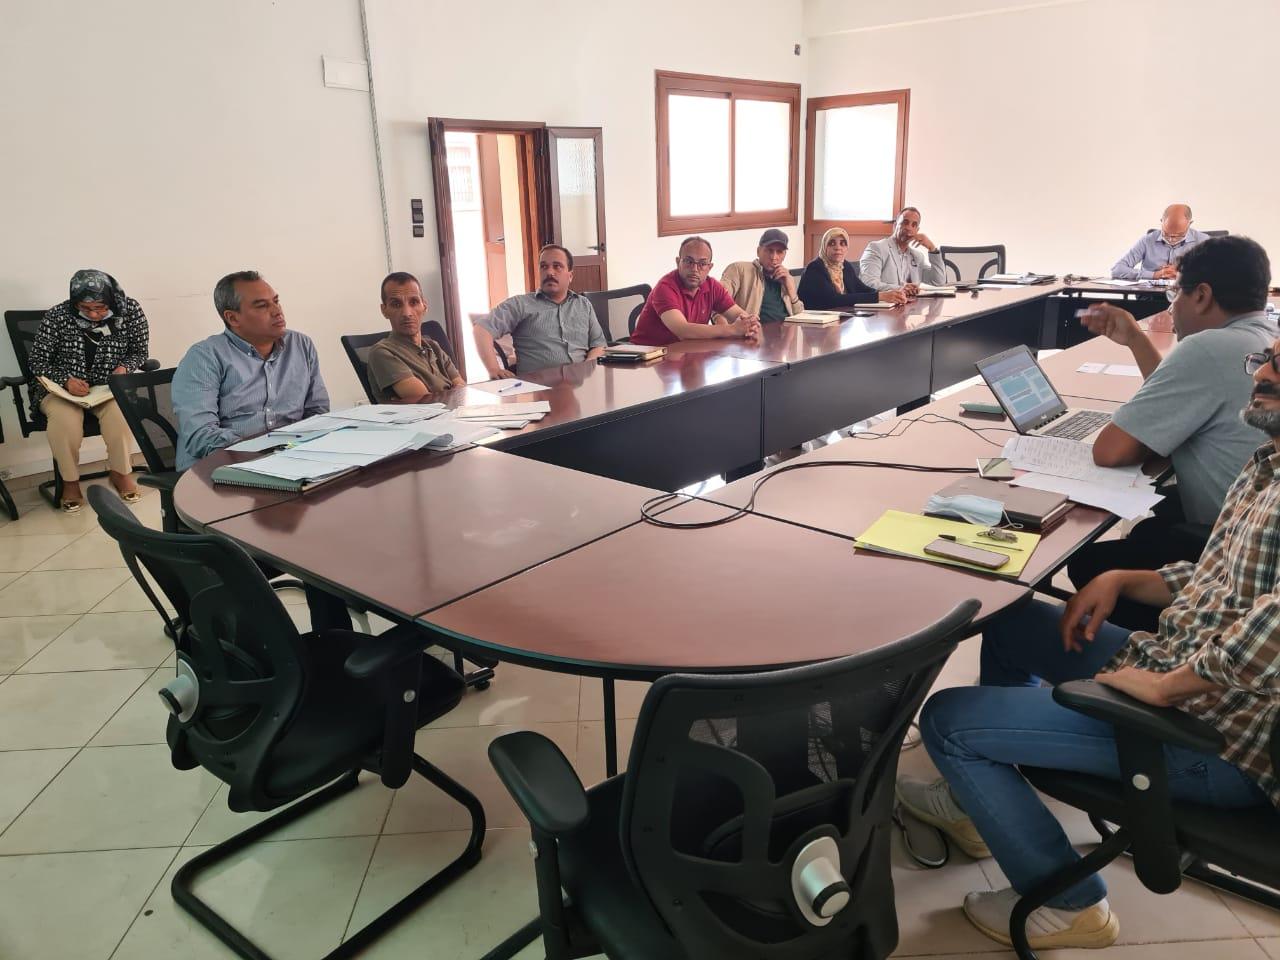 جماعة أيت ملول تعقد لقاء تواصليا مع موظفيها لبسط مضامين القانون رقم 19-55 المتعلق بتبسيط المساطر الإدارية